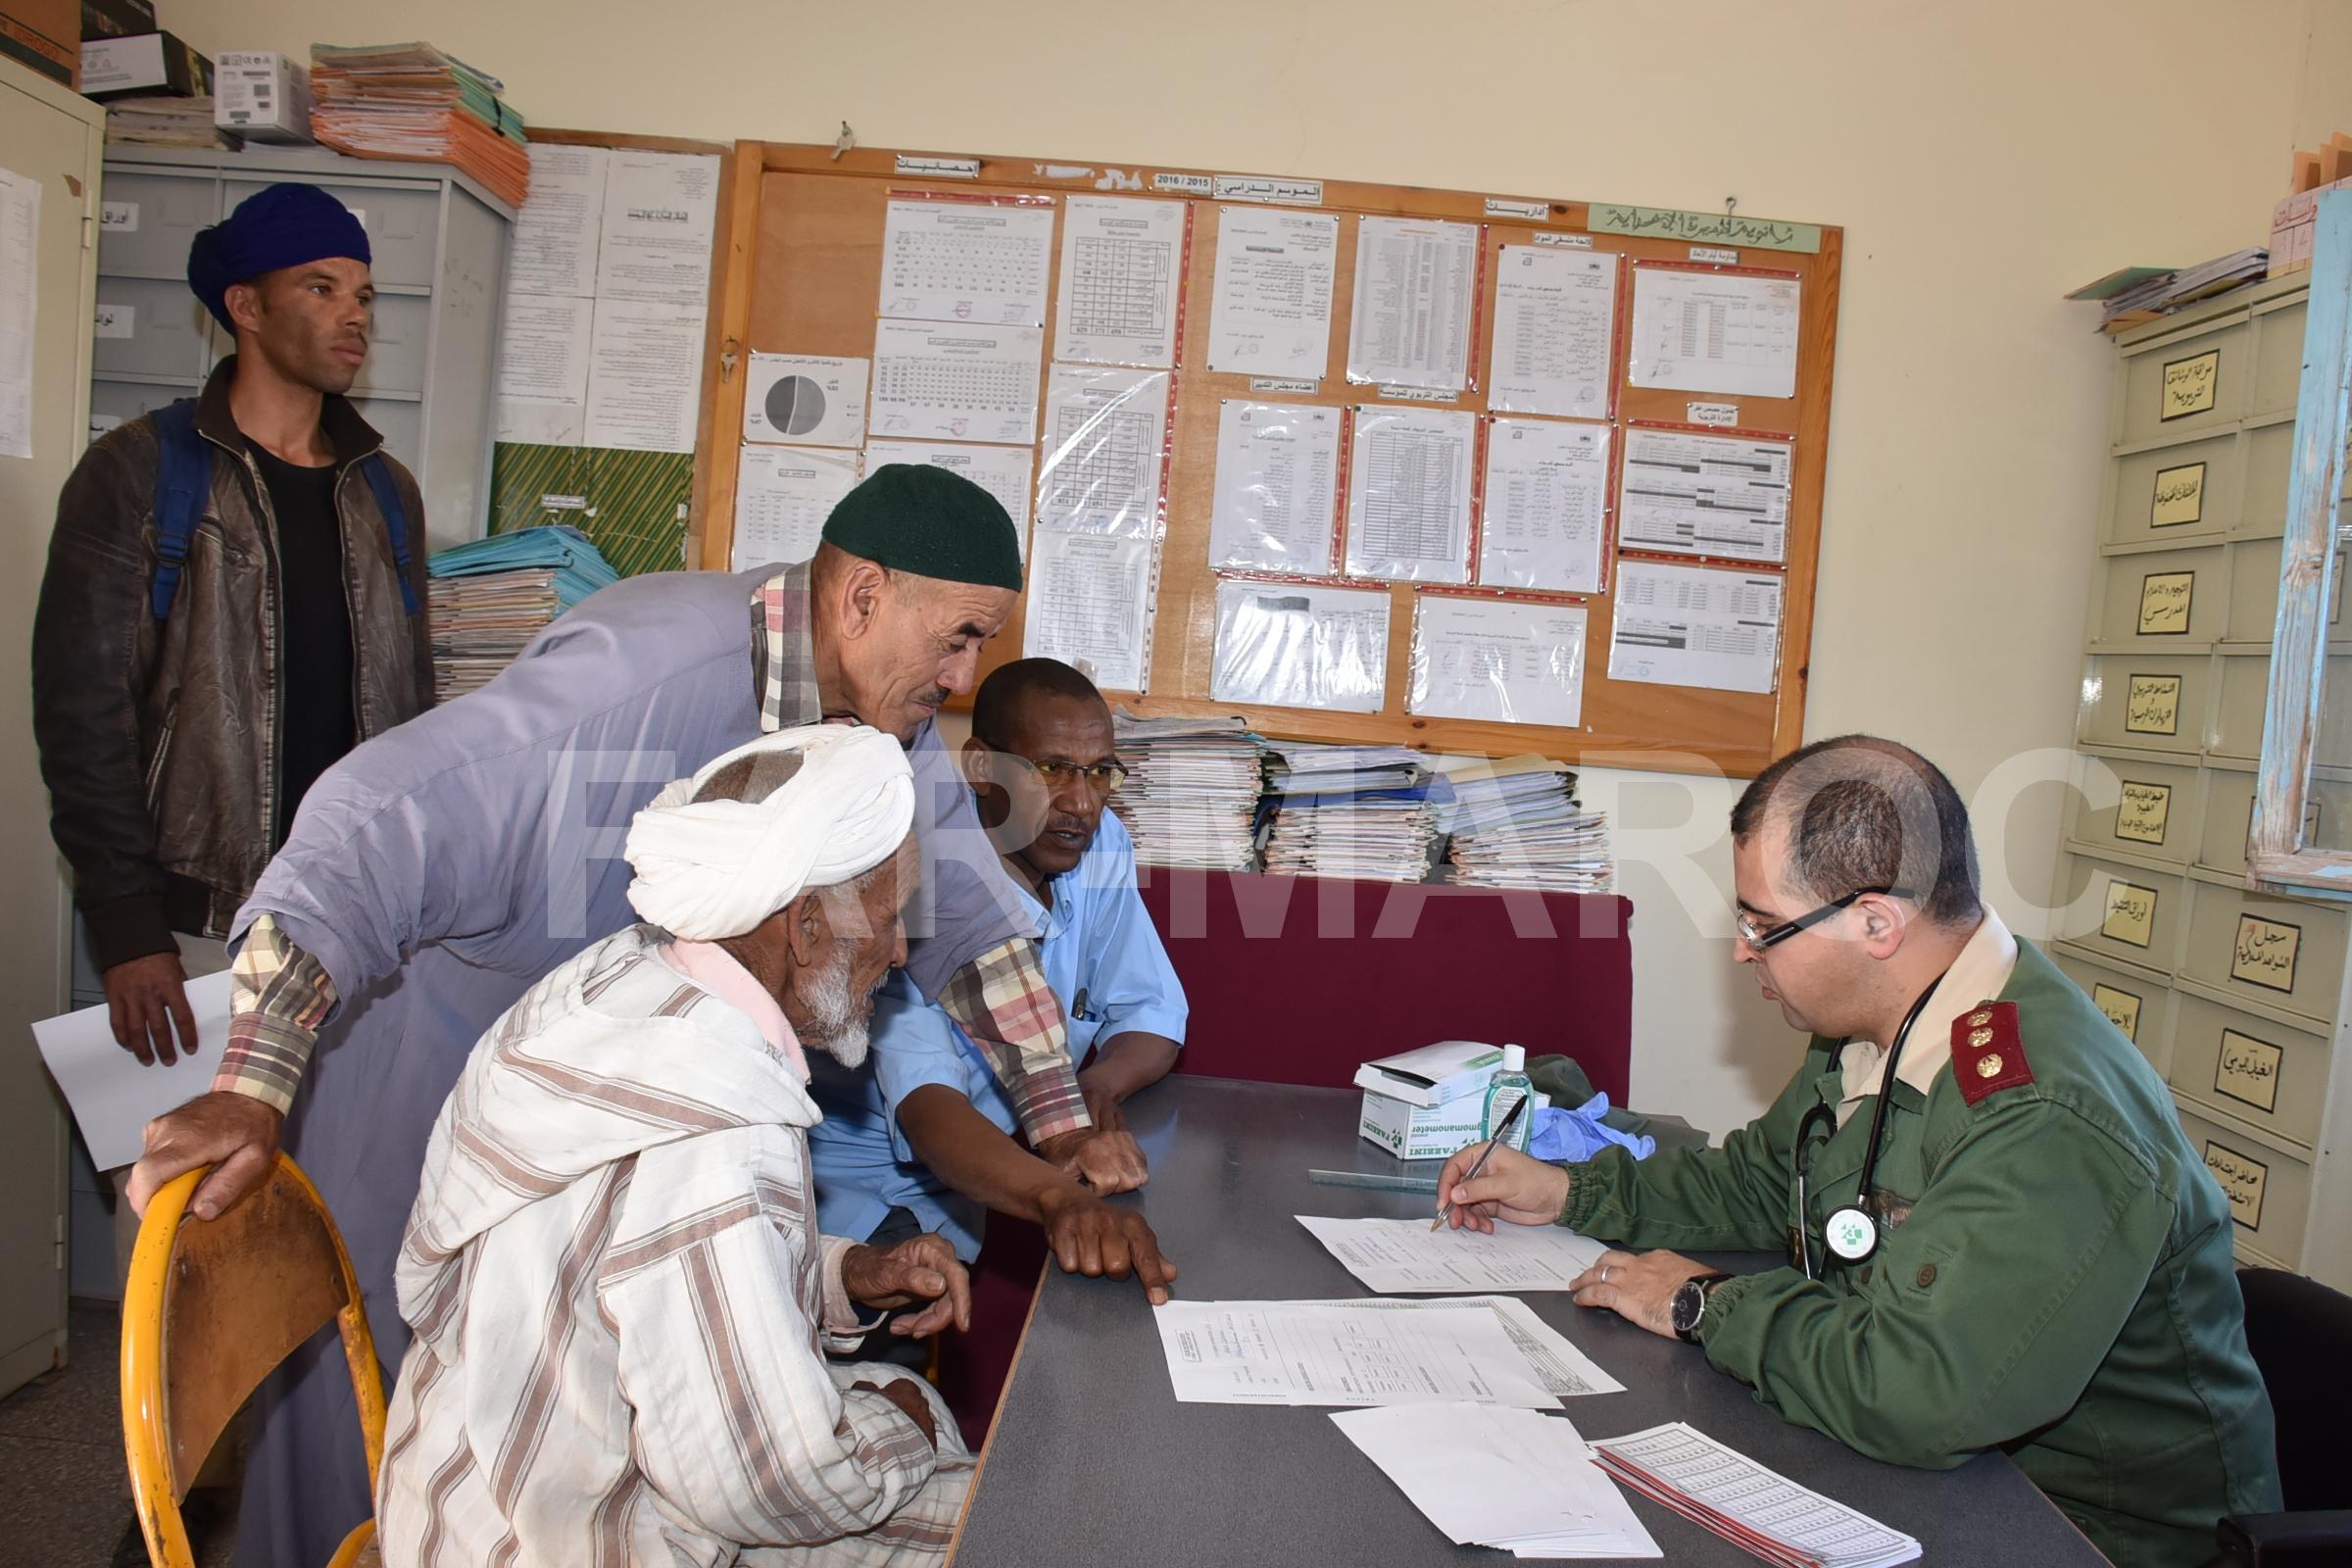 Les Opérations Humanitaires menées par nos Glorieuses Forces Armées Royales 46906581264_245bf6d579_o